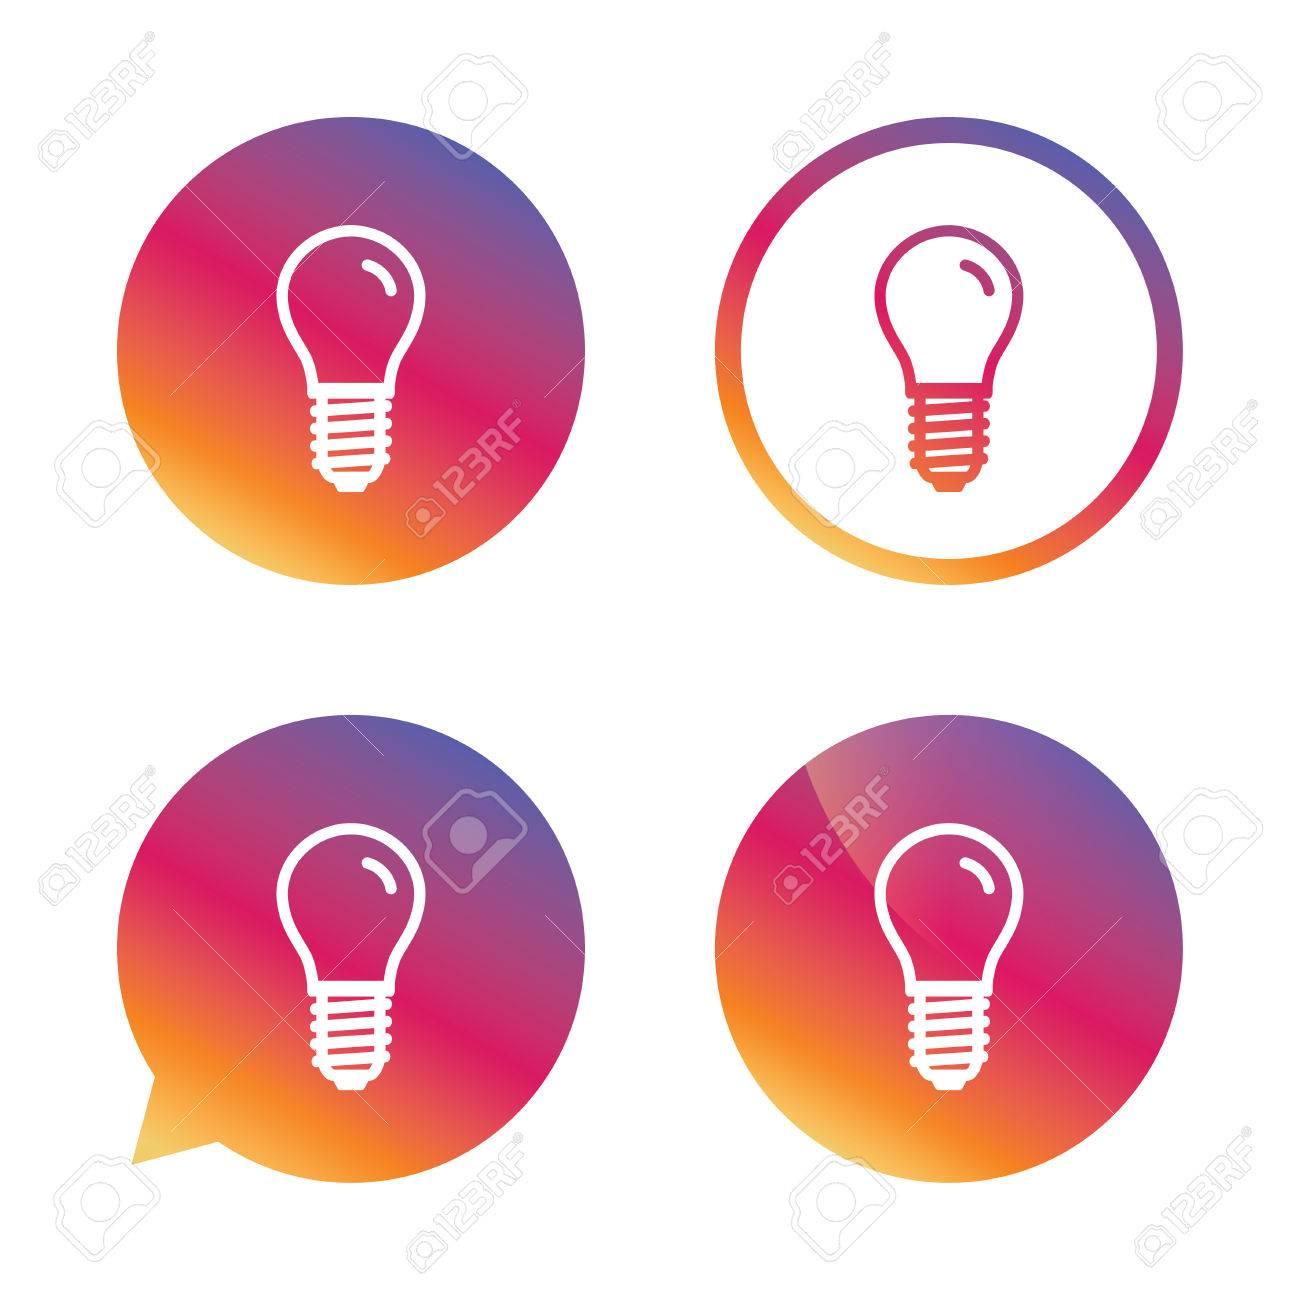 Fein Led Leuchten Symbol Bilder - Schaltplan Serie Circuit ...